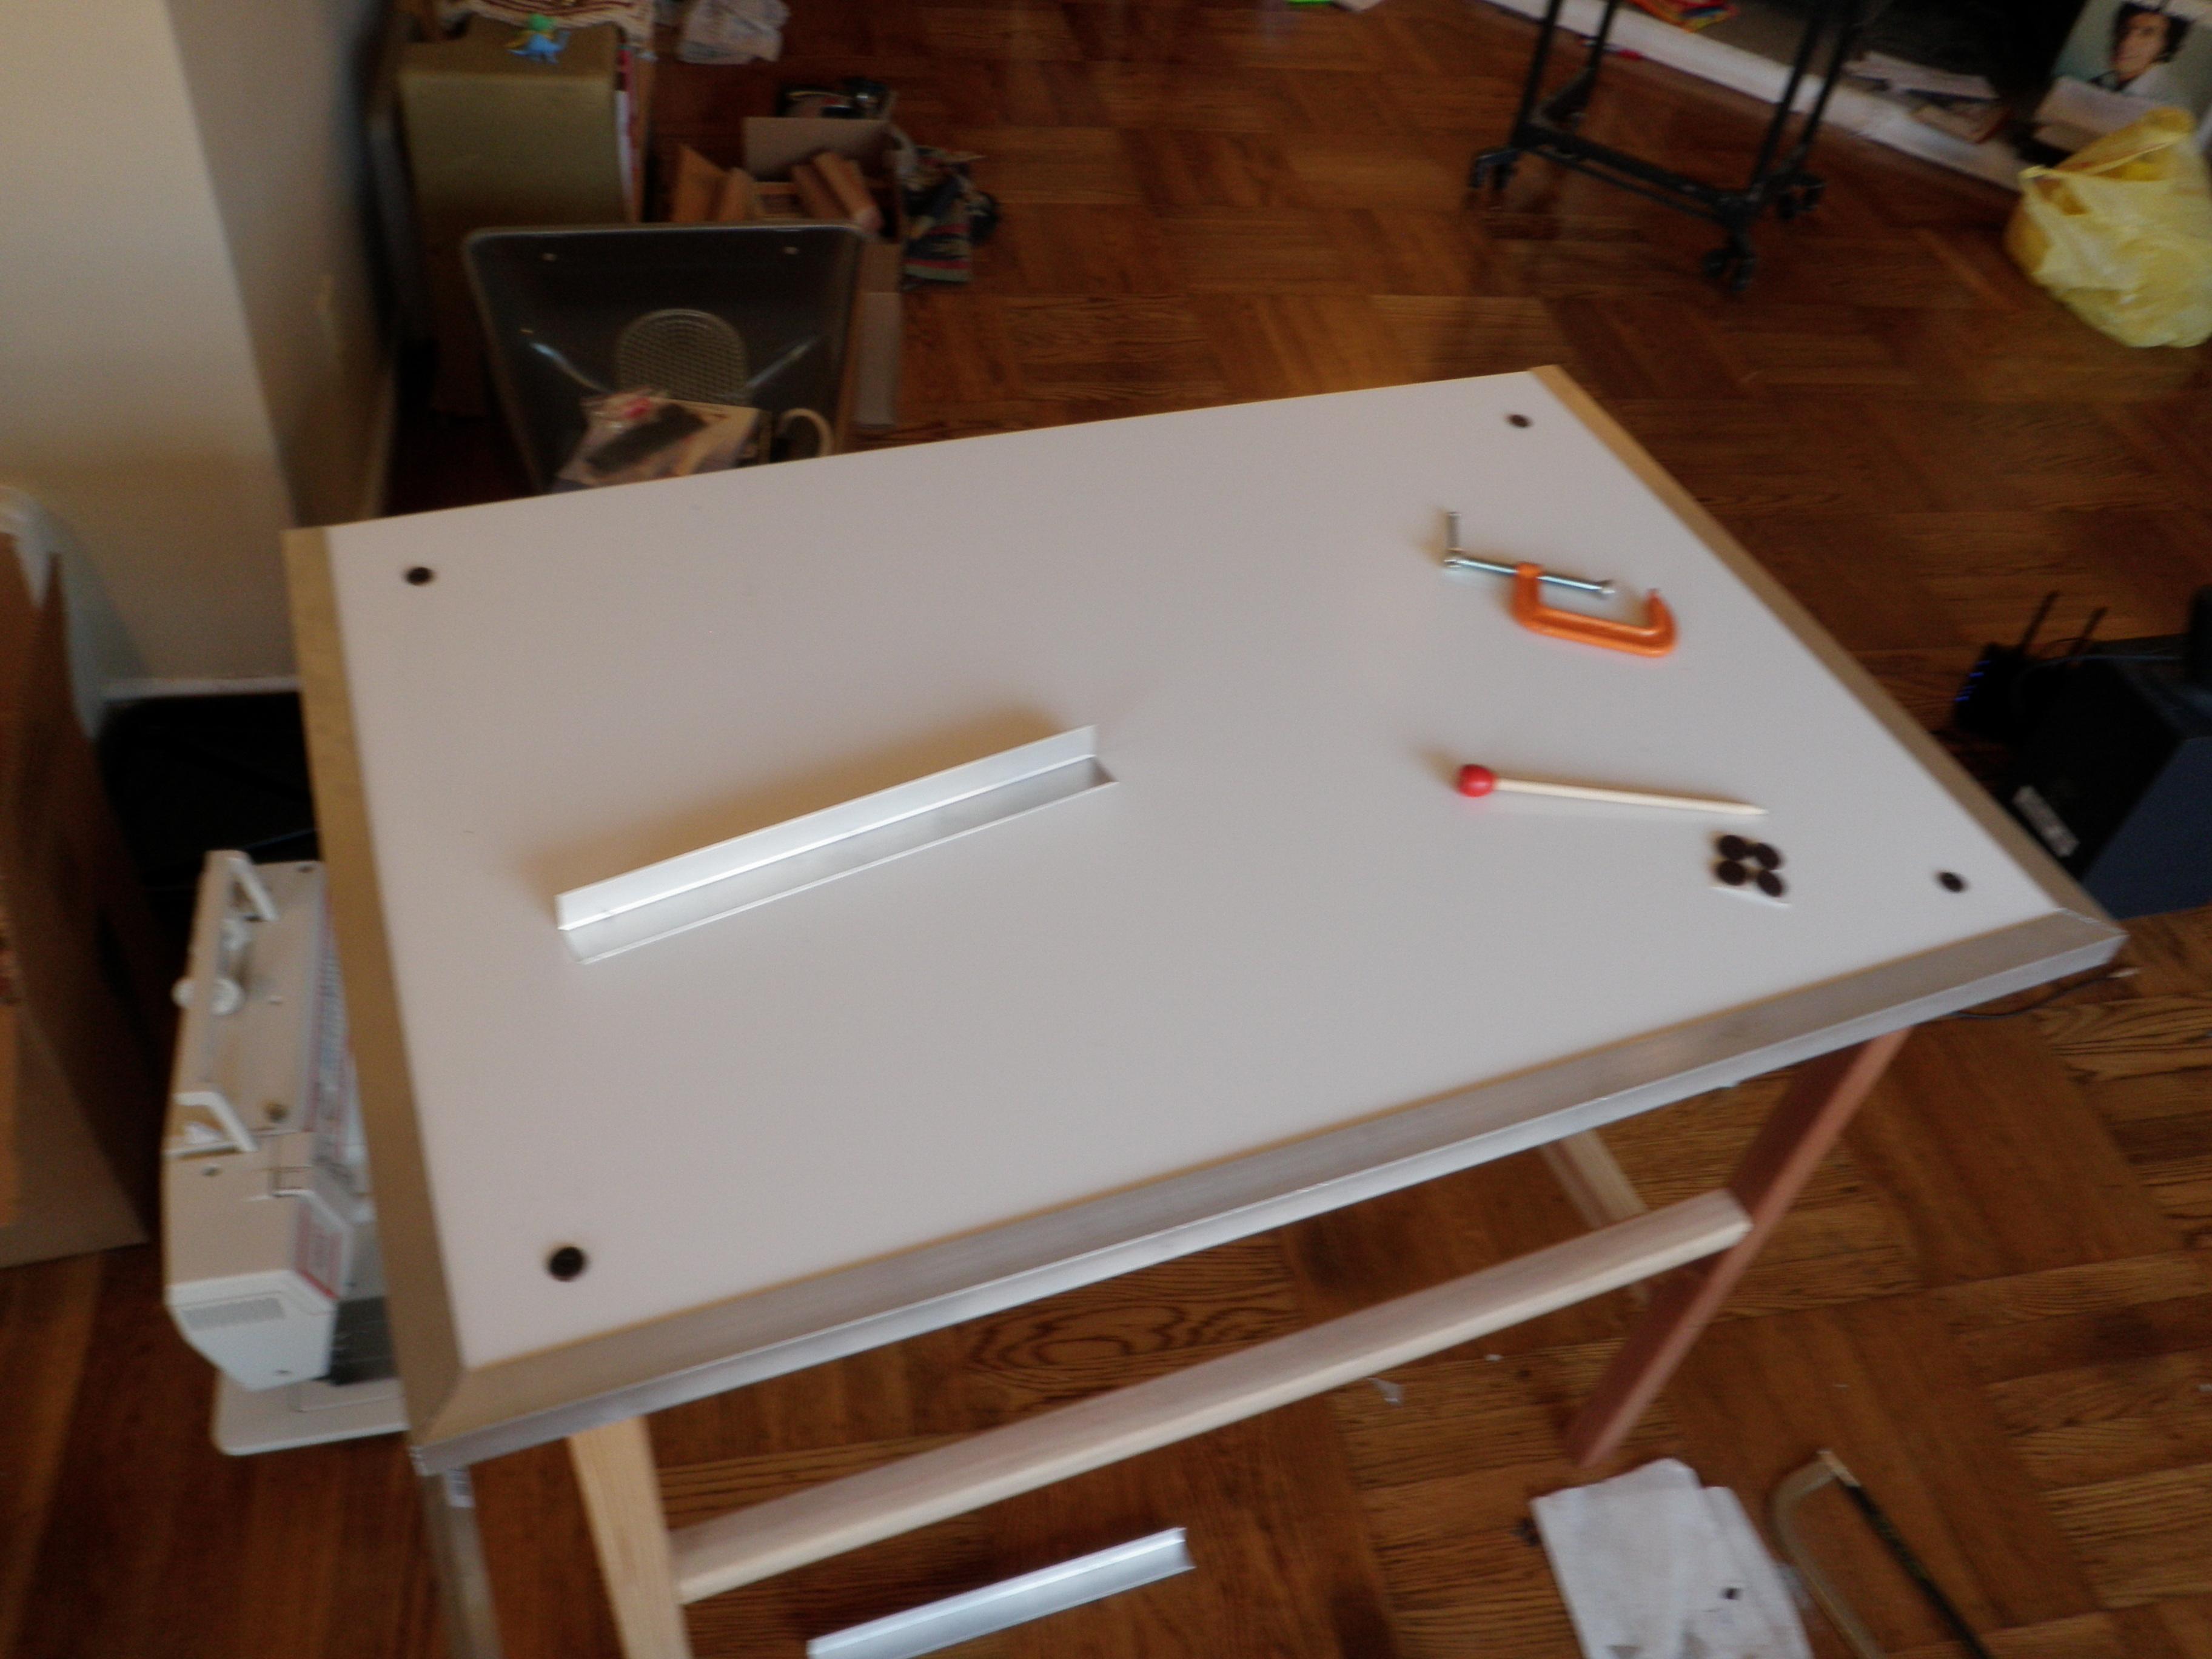 Picture of Prepare the Aluminum